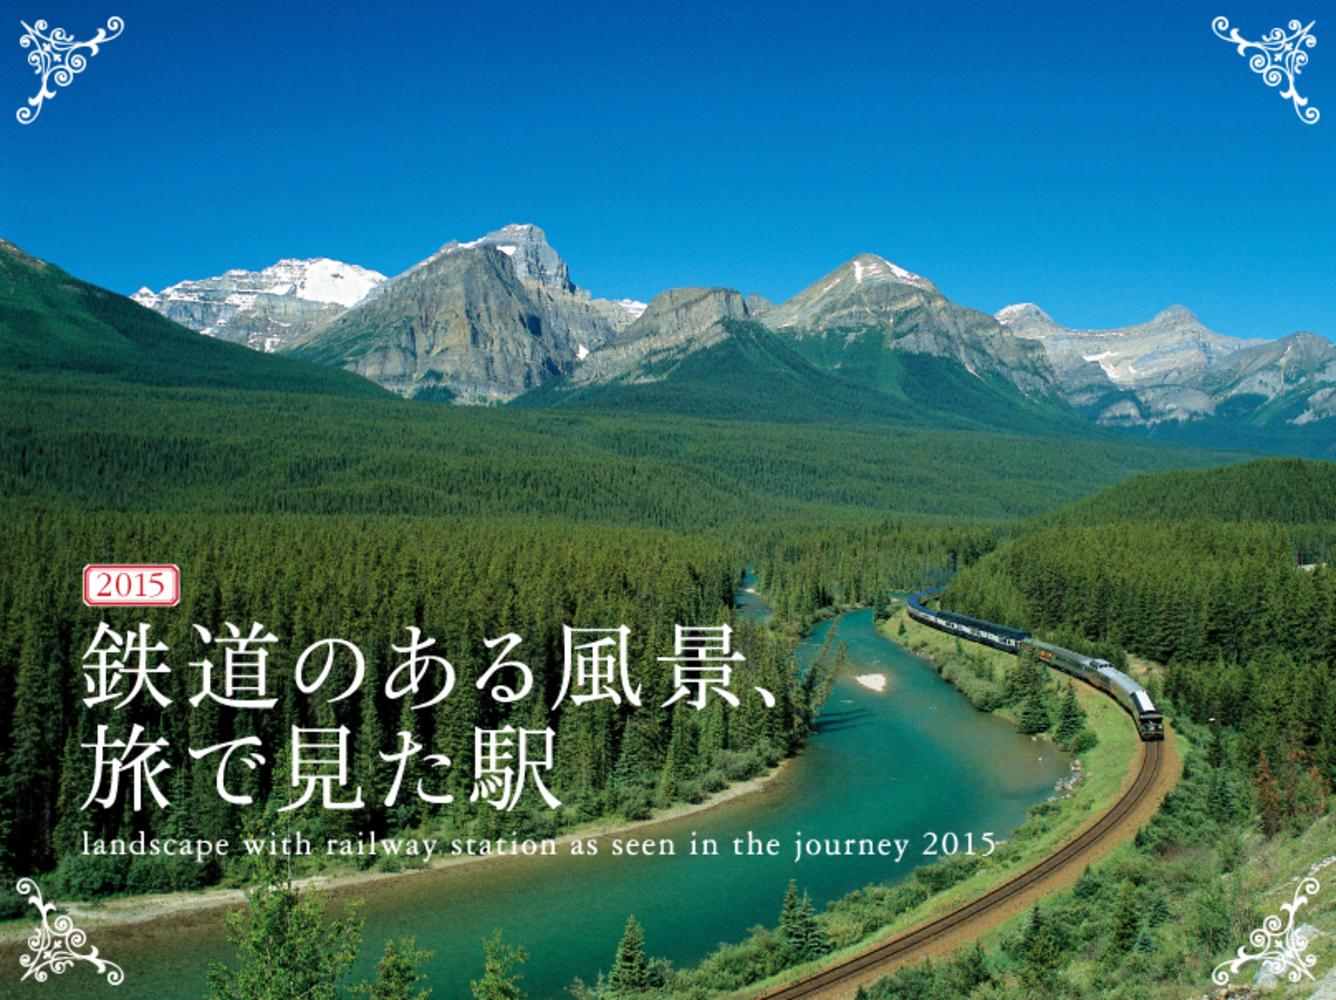 2015鉄道のある風景、旅で見た駅